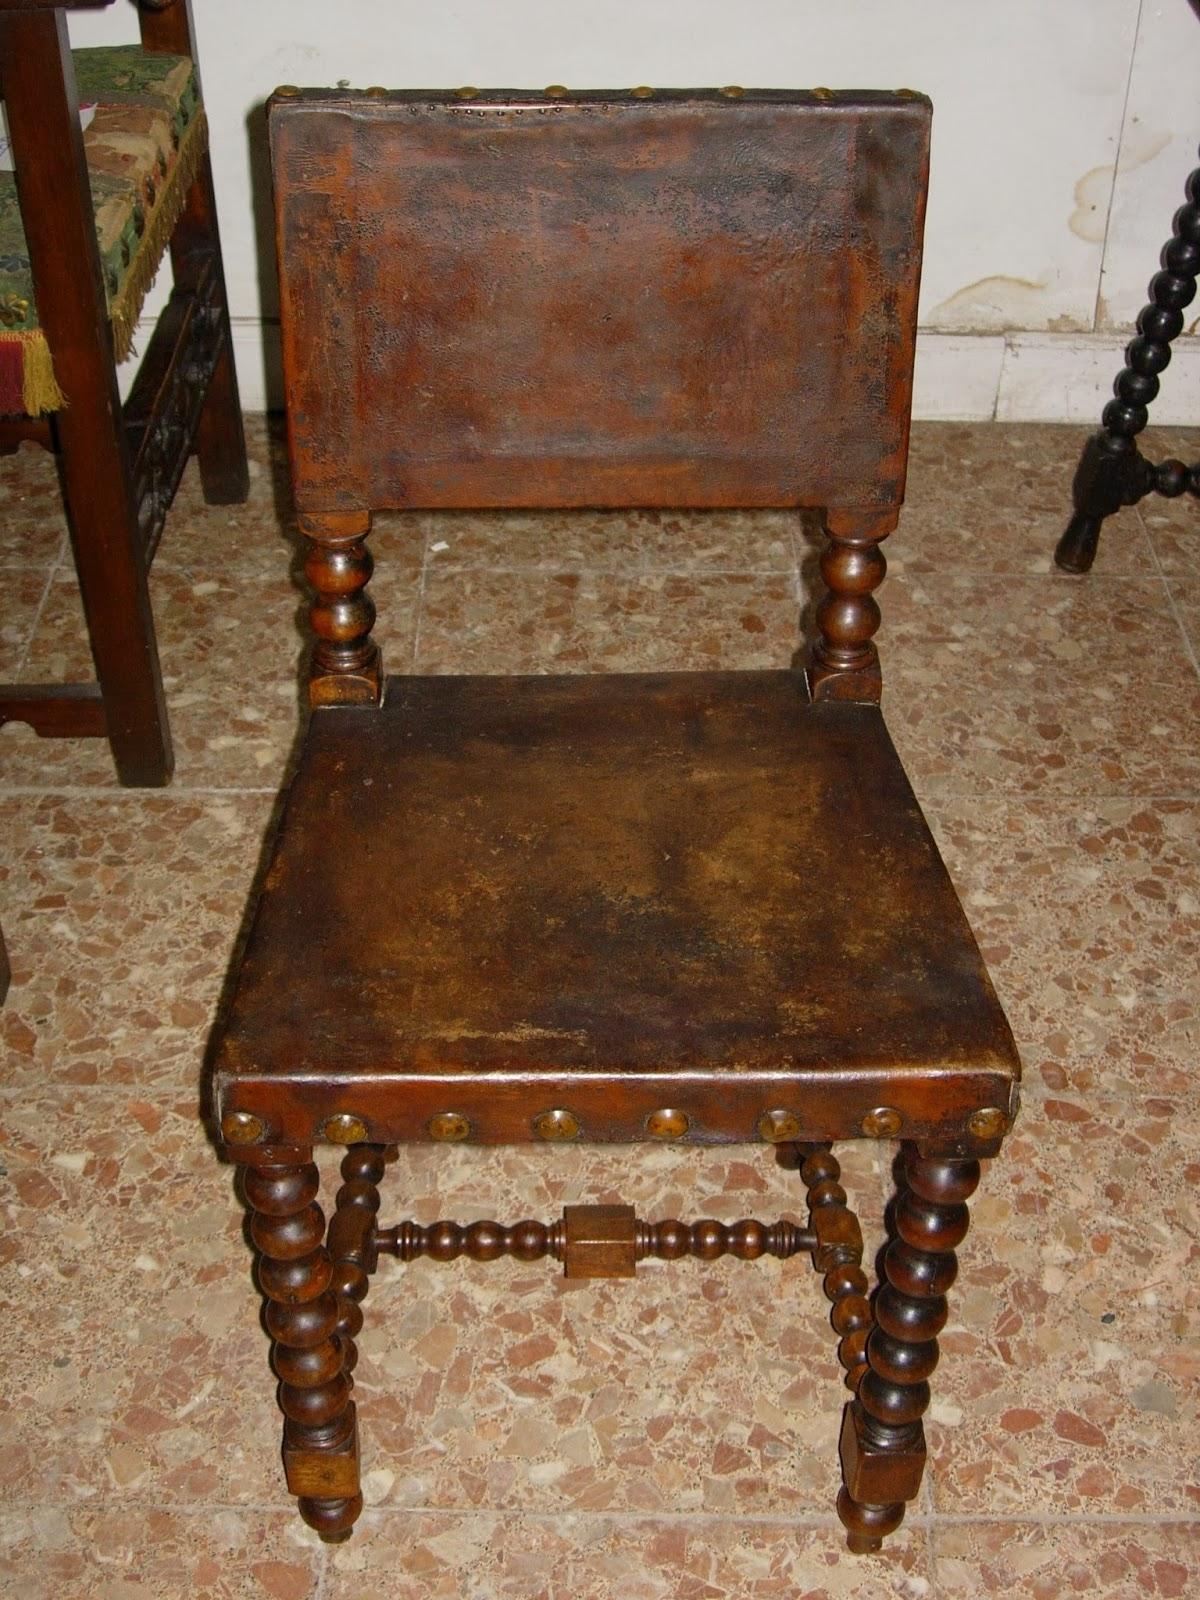 Antig edades fern ndez muebles mesas sillas - Sillas con brazos tapizadas ...